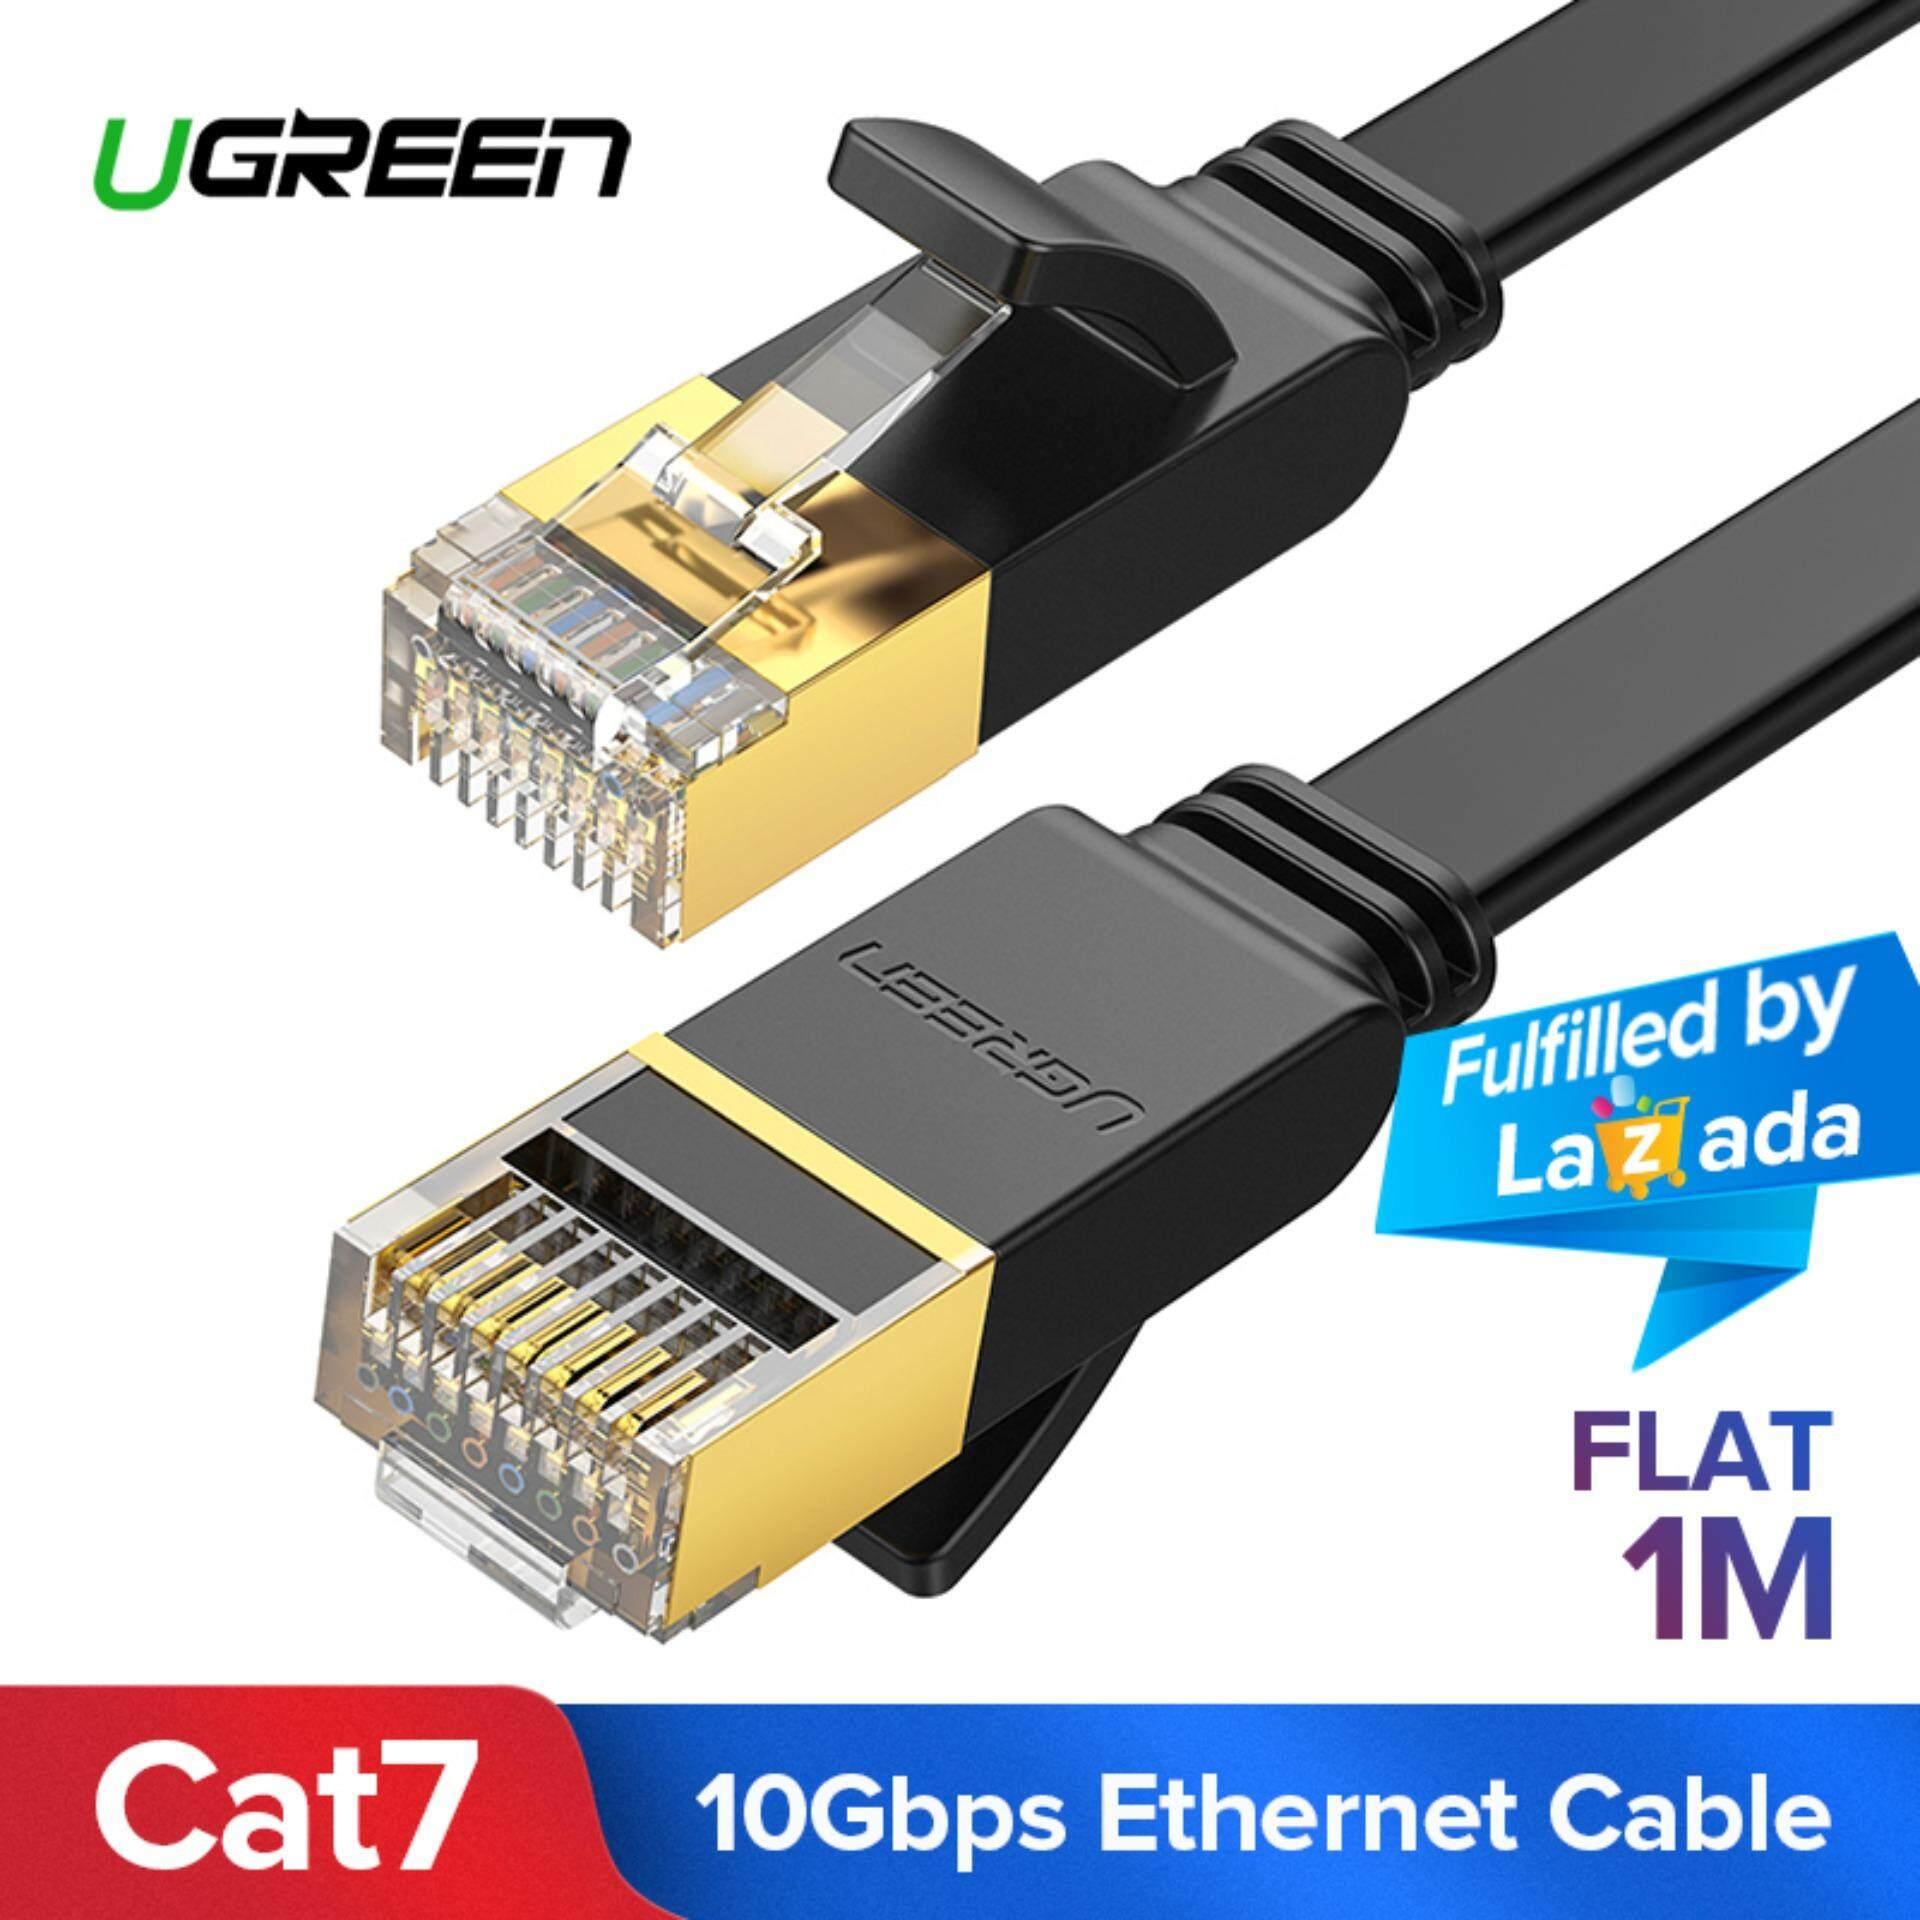 ugreen gigabit pci express network adapter driver